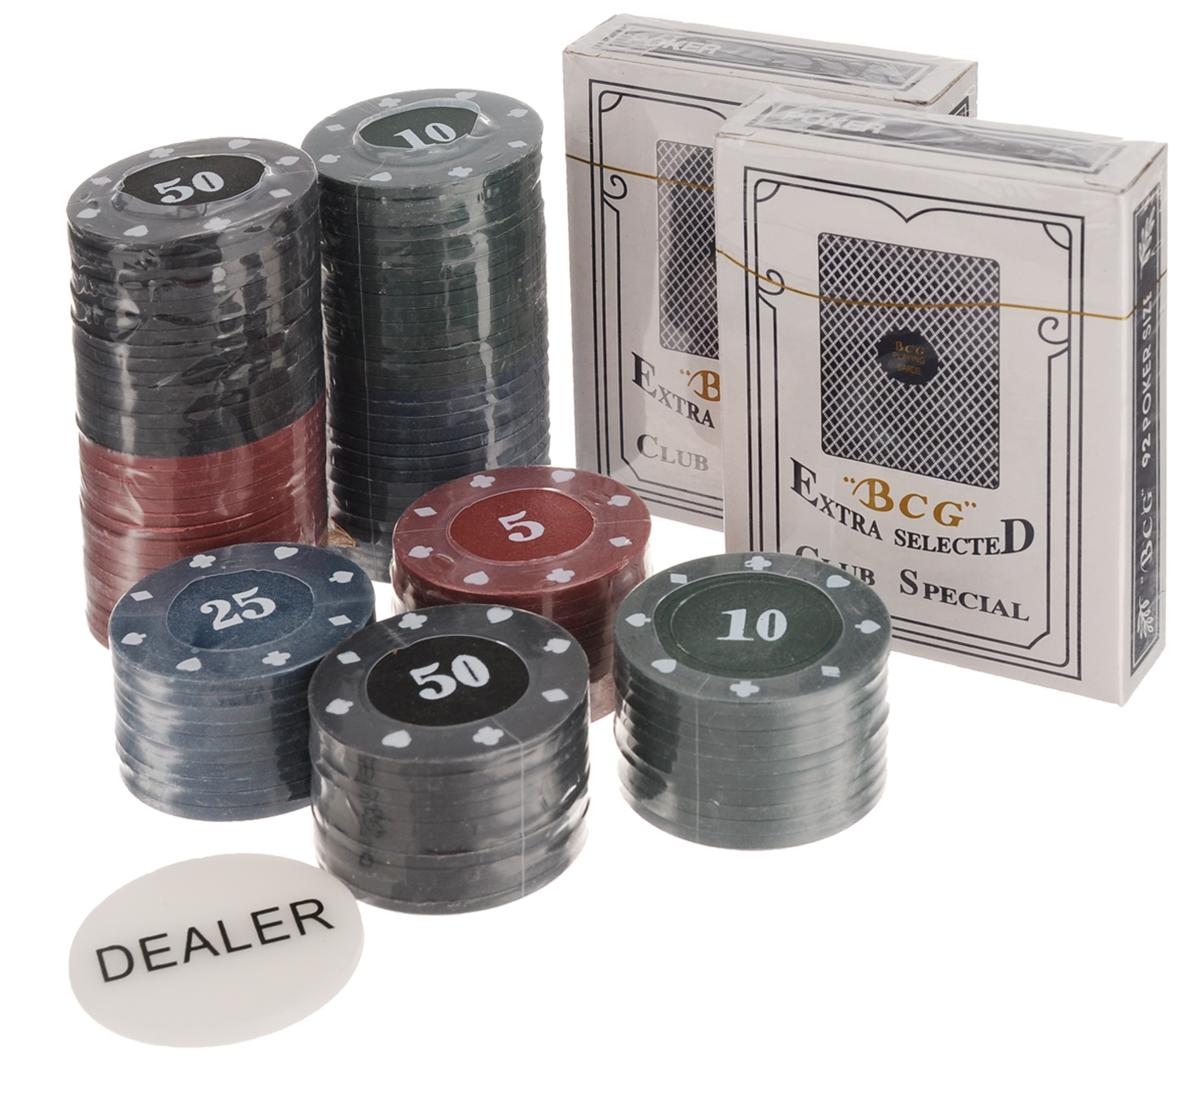 Набор для покера Русские Подарки Professional Poker Chips, 100 фишек. 4244342443Набор для игры в покер Professional Poker Chips порадует как начинающих, так и опытных игроков в покер и поможет вам разнообразить свой досуг . Набор включает в себя 100 фишек черного, синего, зеленого, белого и красного цветов с различным номиналом, а также 1 фишку Dealer и 2 колоды игральных карт для покера. Предметы набора хранятся в металлической коробке. Такой набор станет отличным подарком для любителей покера. Подробная инструкция с правилами игры на русском языке входит в комплект. Покер (англ. poker) - карточная игра, цель которой - выиграть ставки, собрав как можно более высокую покерную комбинацию, используя 5 карт, или вынудив всех соперников прекратить участвовать в игре. Игра идет с полностью или частично закрытыми картами. Покер как карточная игра существует более 500 лет. Зародился он в Европе: в Испании, Франции, Италии. С течением времени правила покера менялись. Первые письменные упоминания о современном варианте покера появляются в...